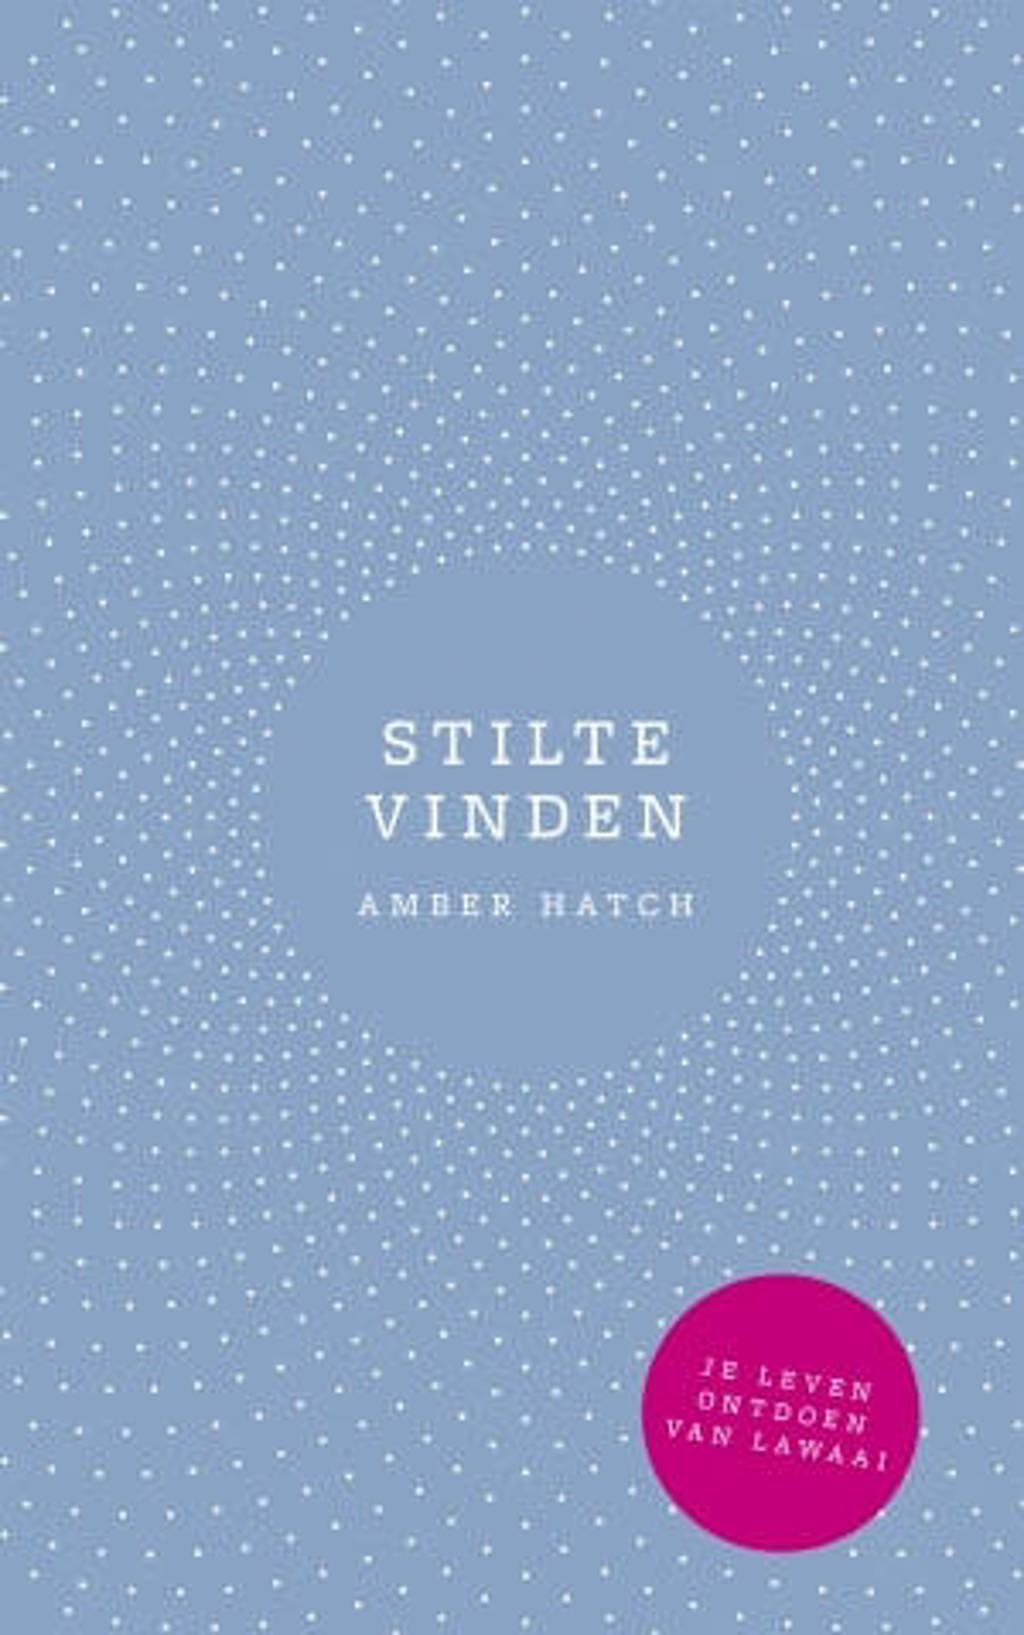 Stilte vinden - Amber Hatch